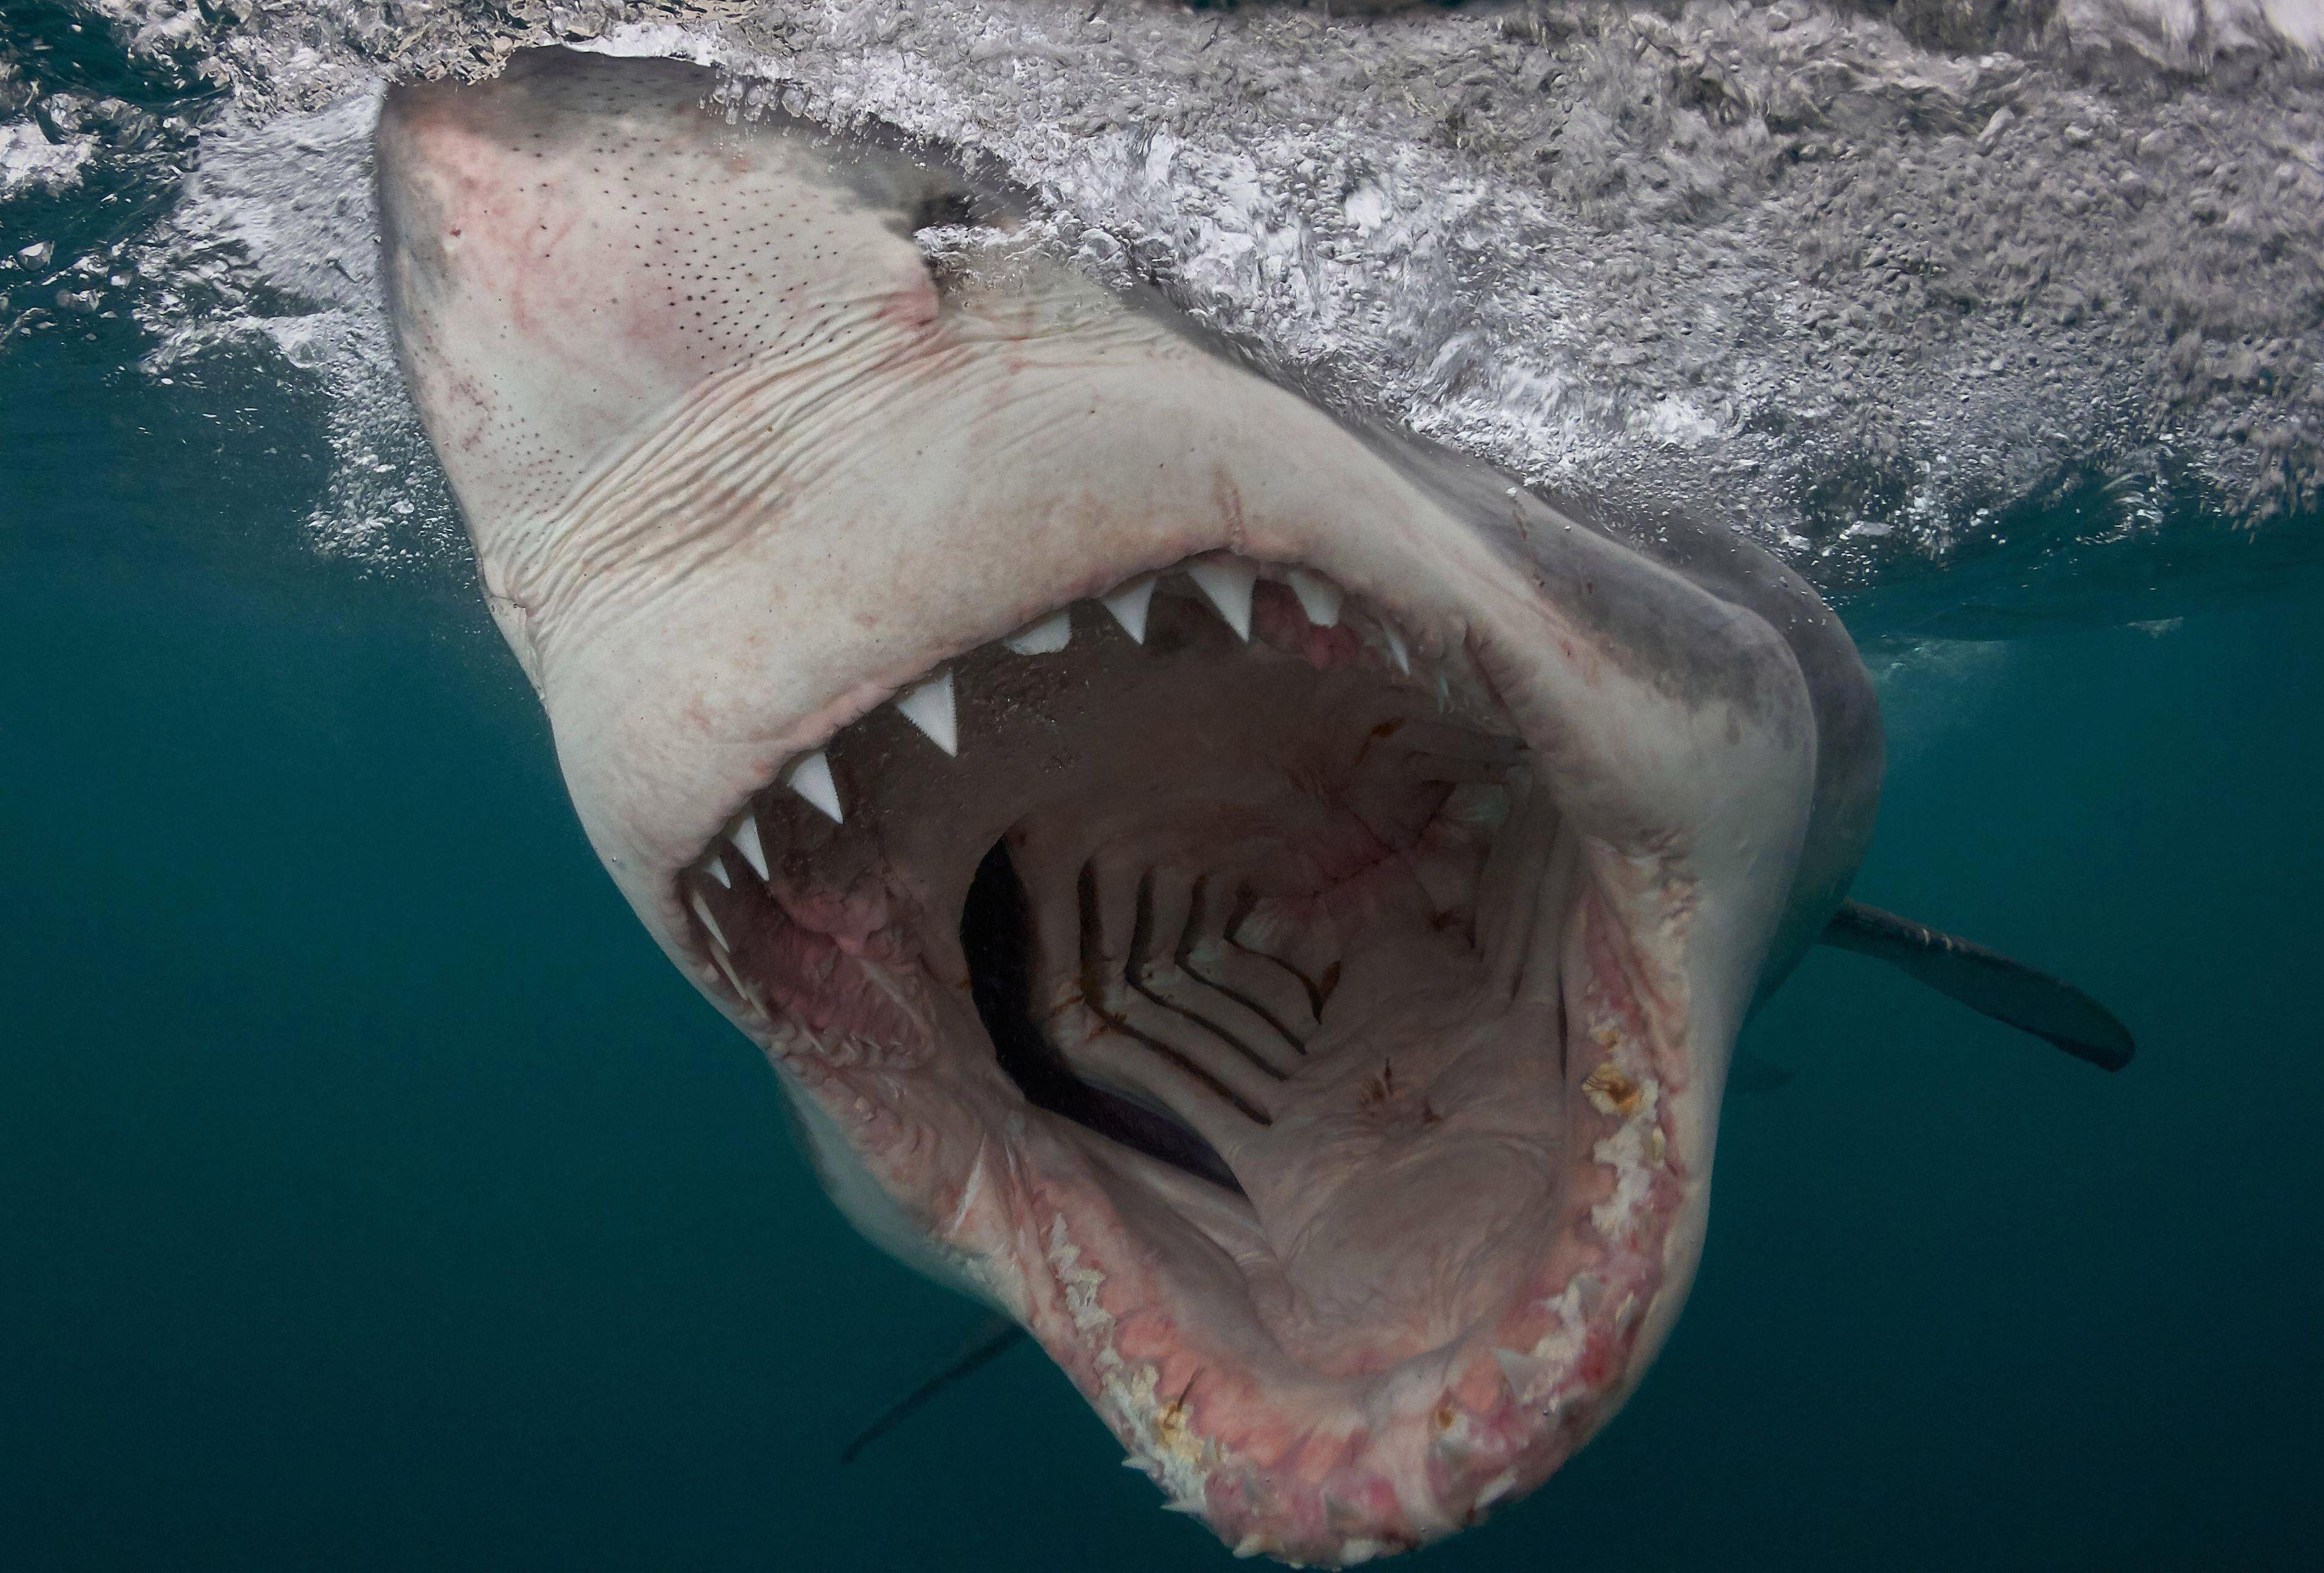 Акула убийца картинки смотреть